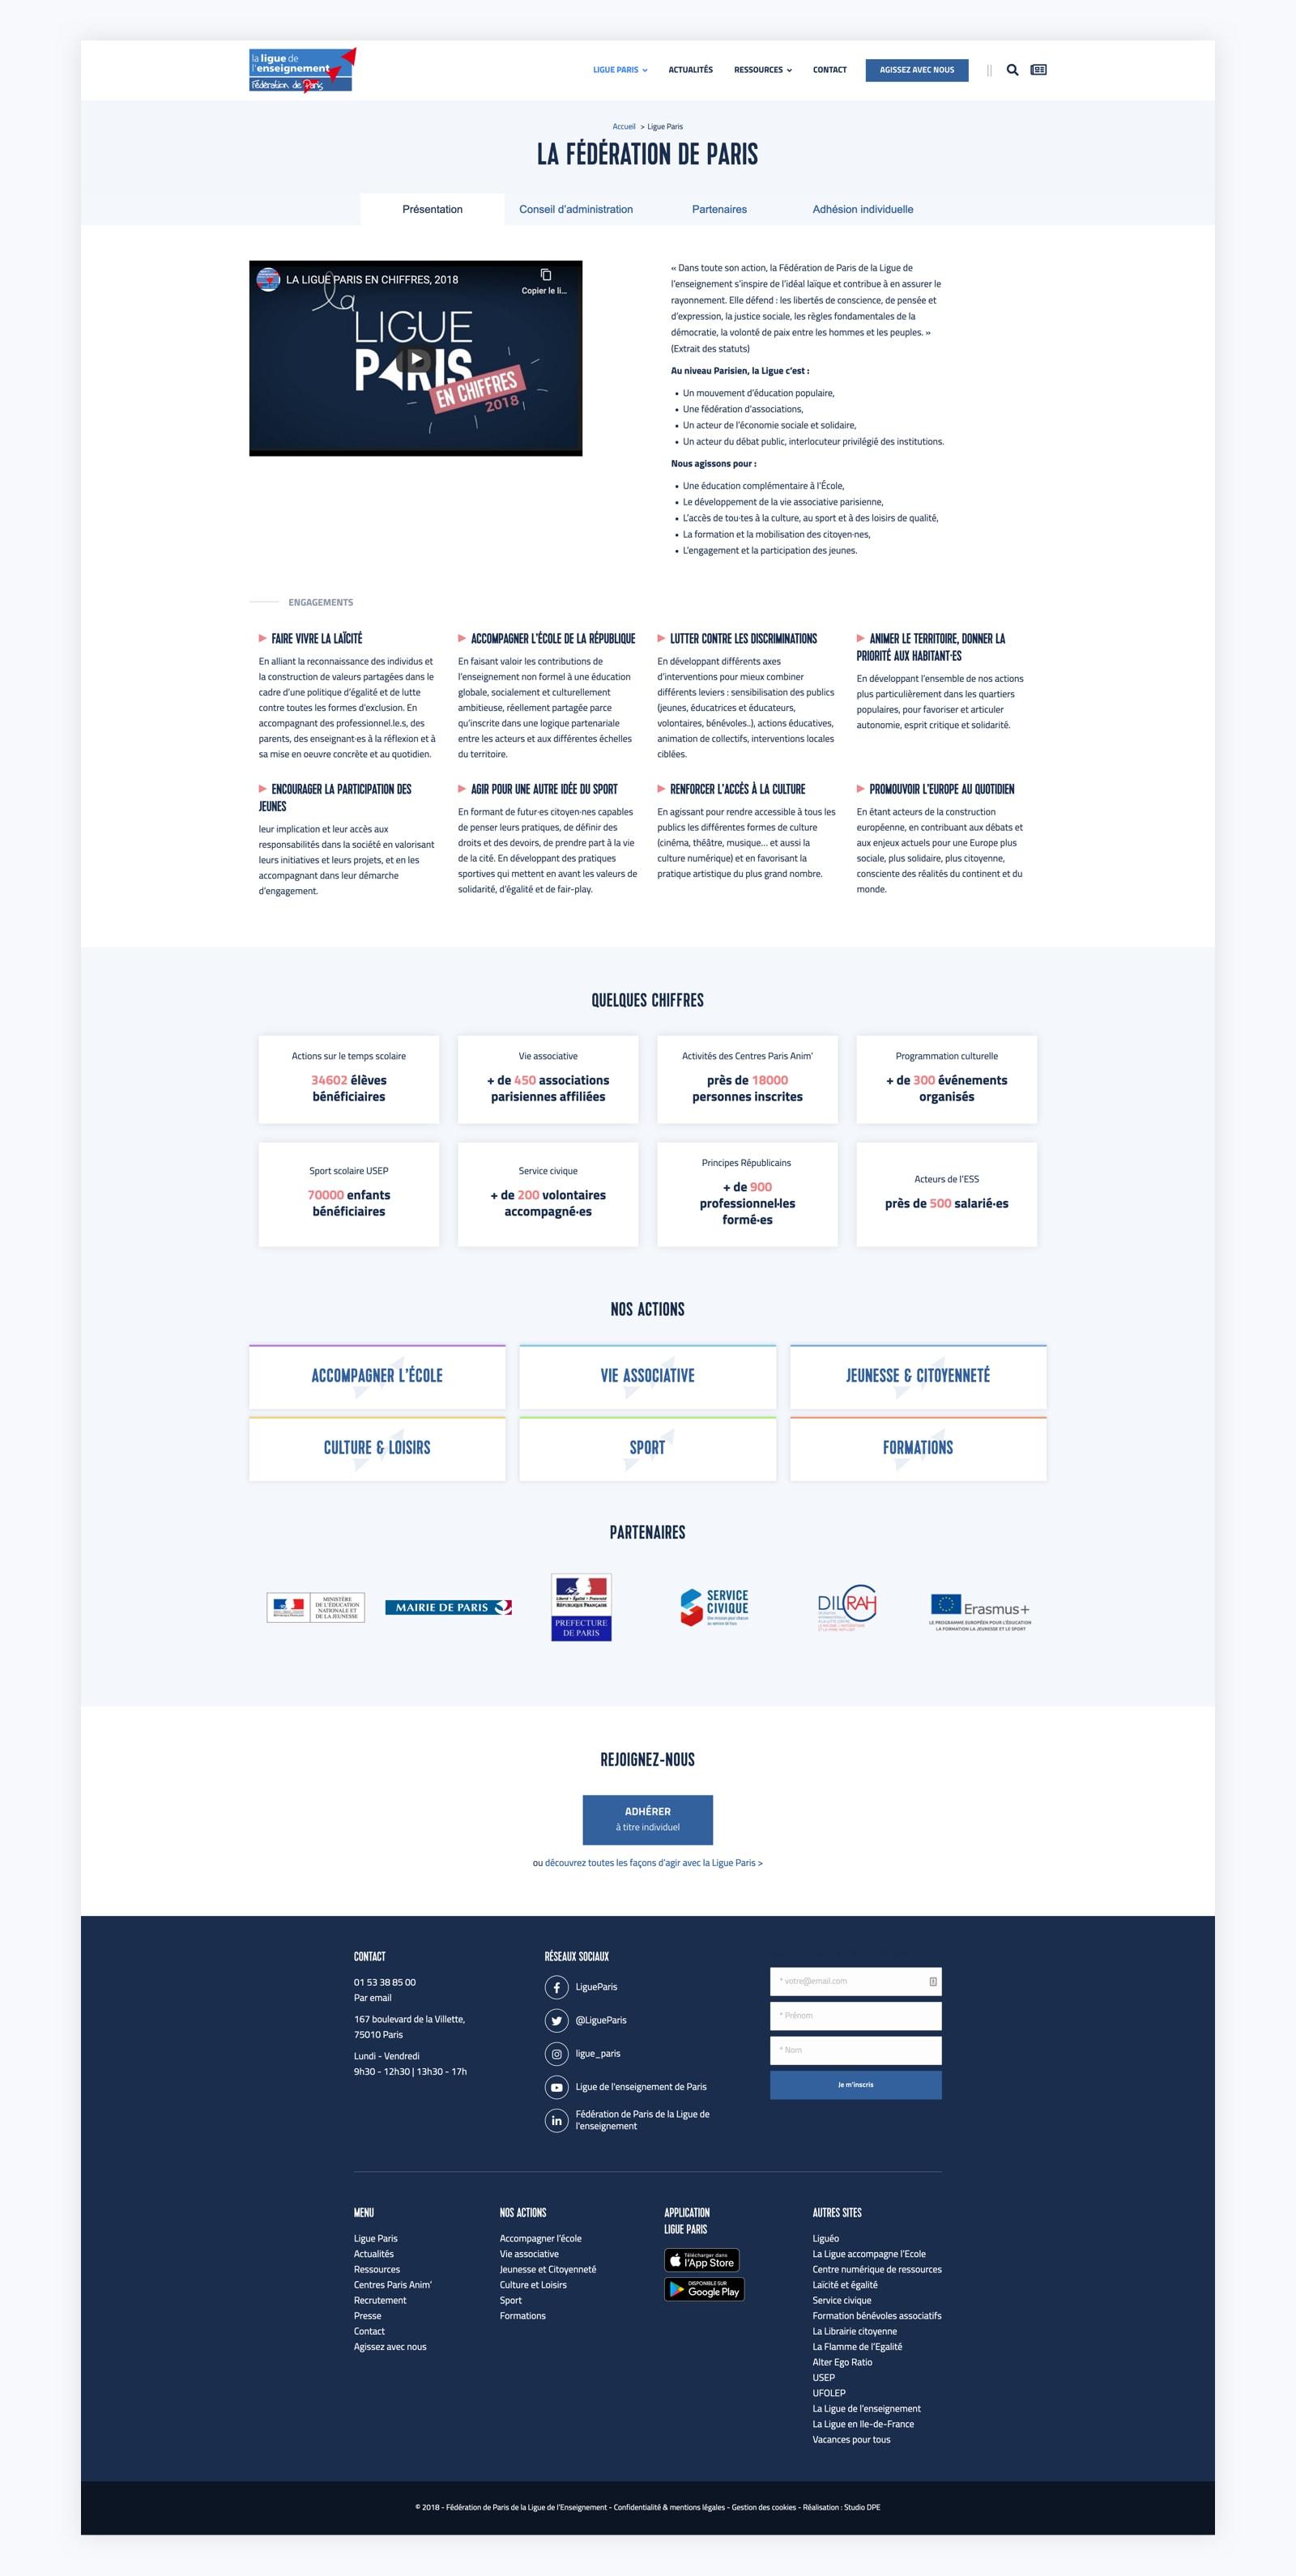 Page de présentation de la Ligue Paris pour la refonte du site web.